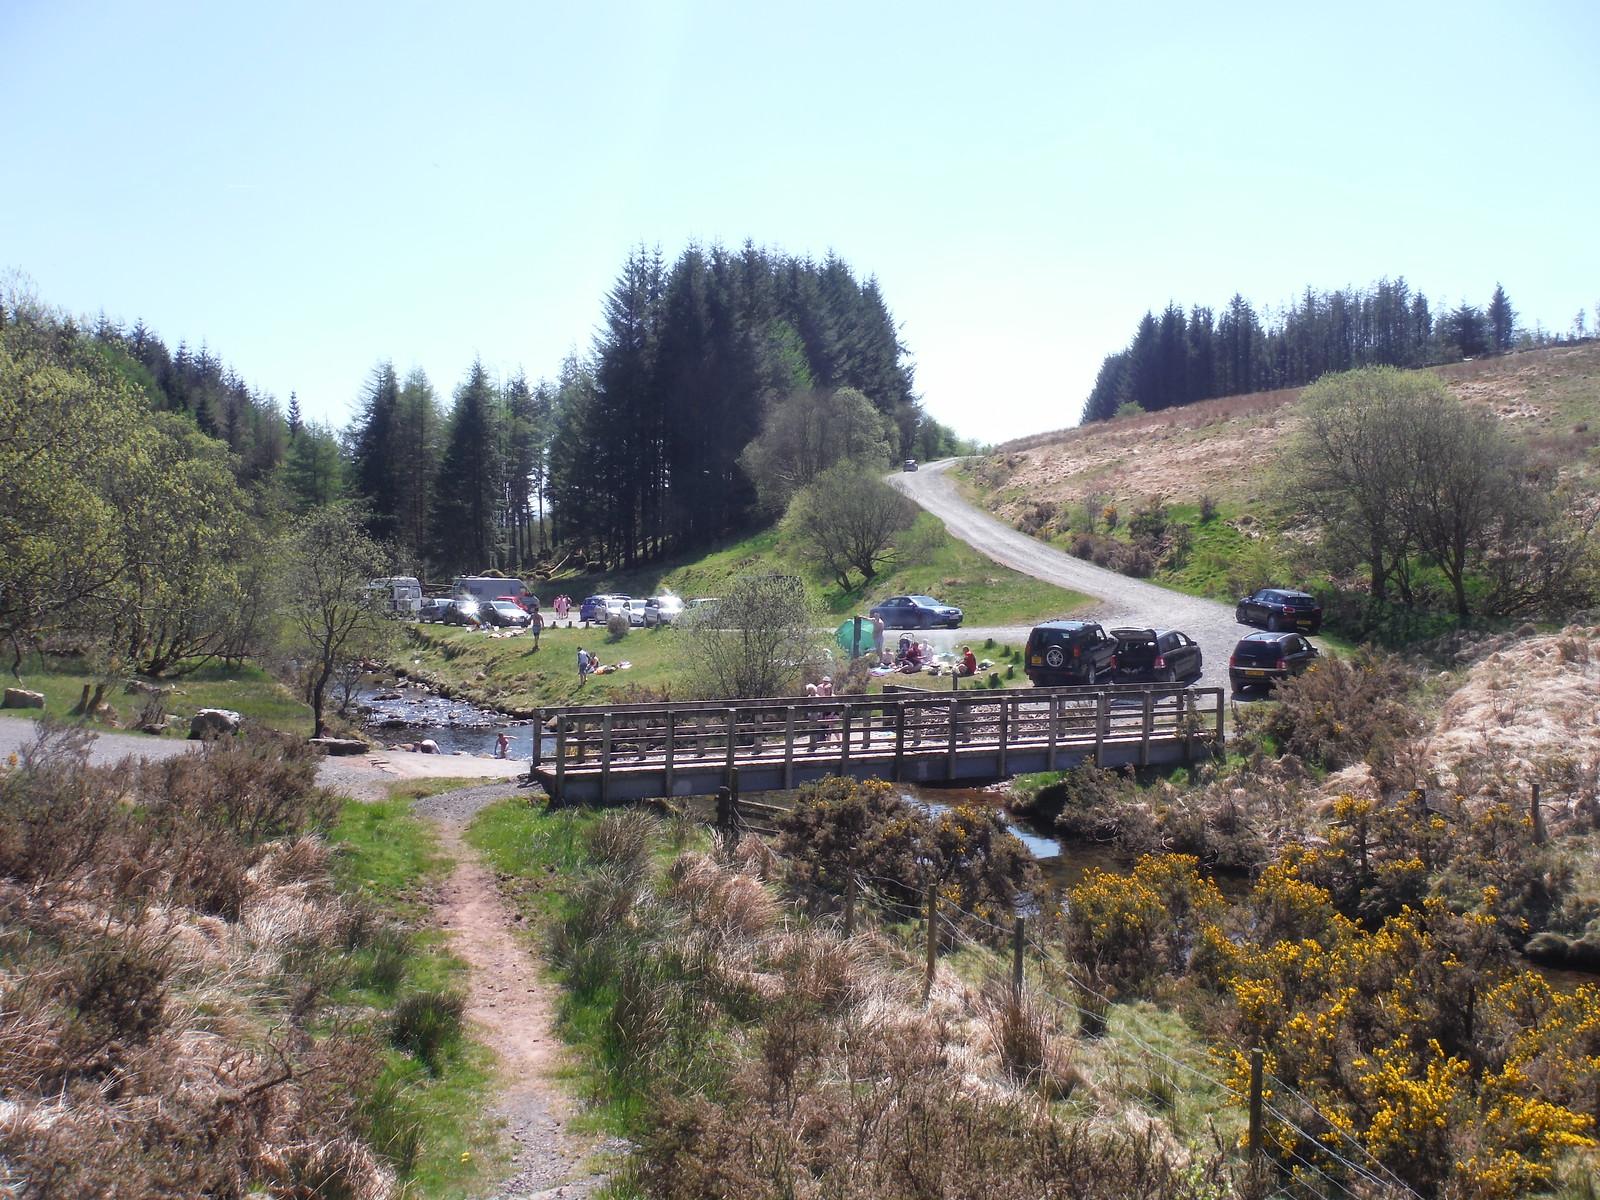 Crossing of the Afon Llia SWC Walk 307 - Fforest Fawr Traverse (Craig y Nos to Llwyn-y-celyn) [Beacons Way Route]